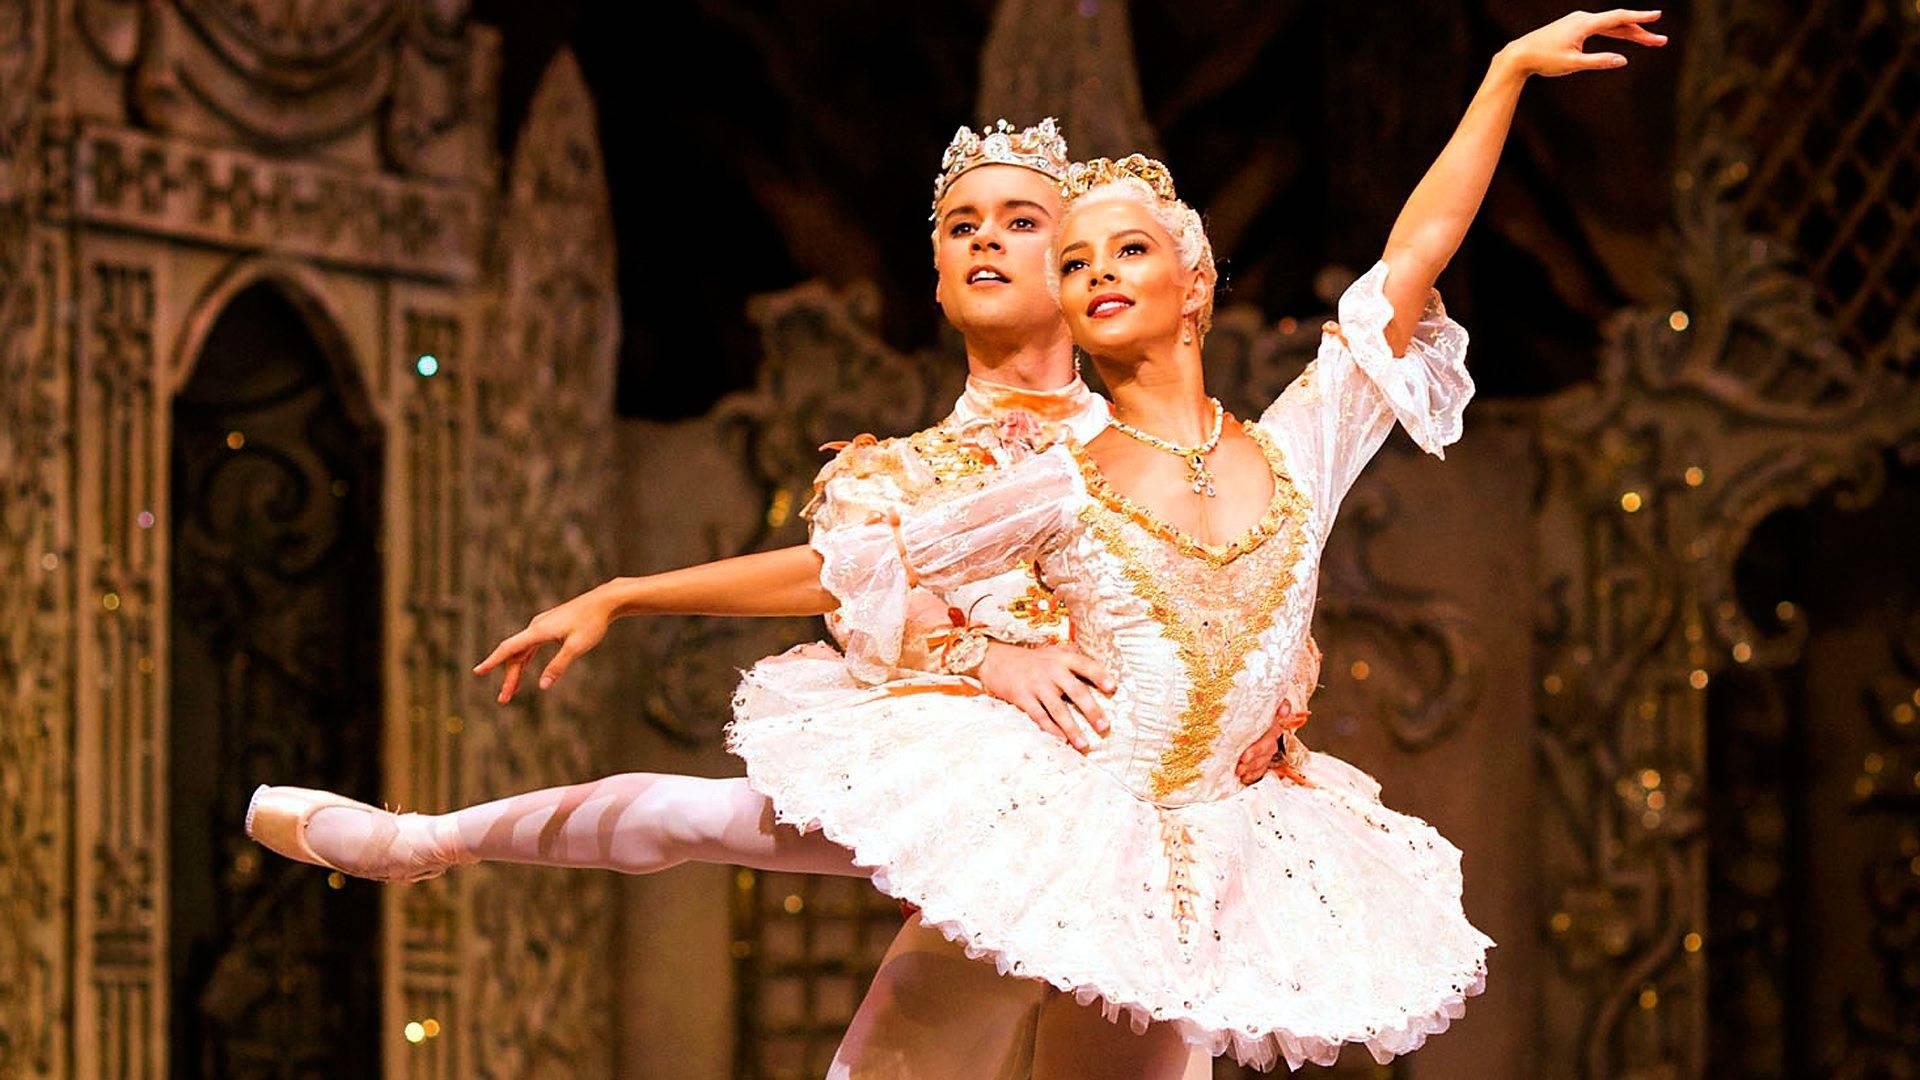 纪录片.BBC.胡桃夹子:英国皇家芭蕾舞团揭秘.2016[高清][英字]